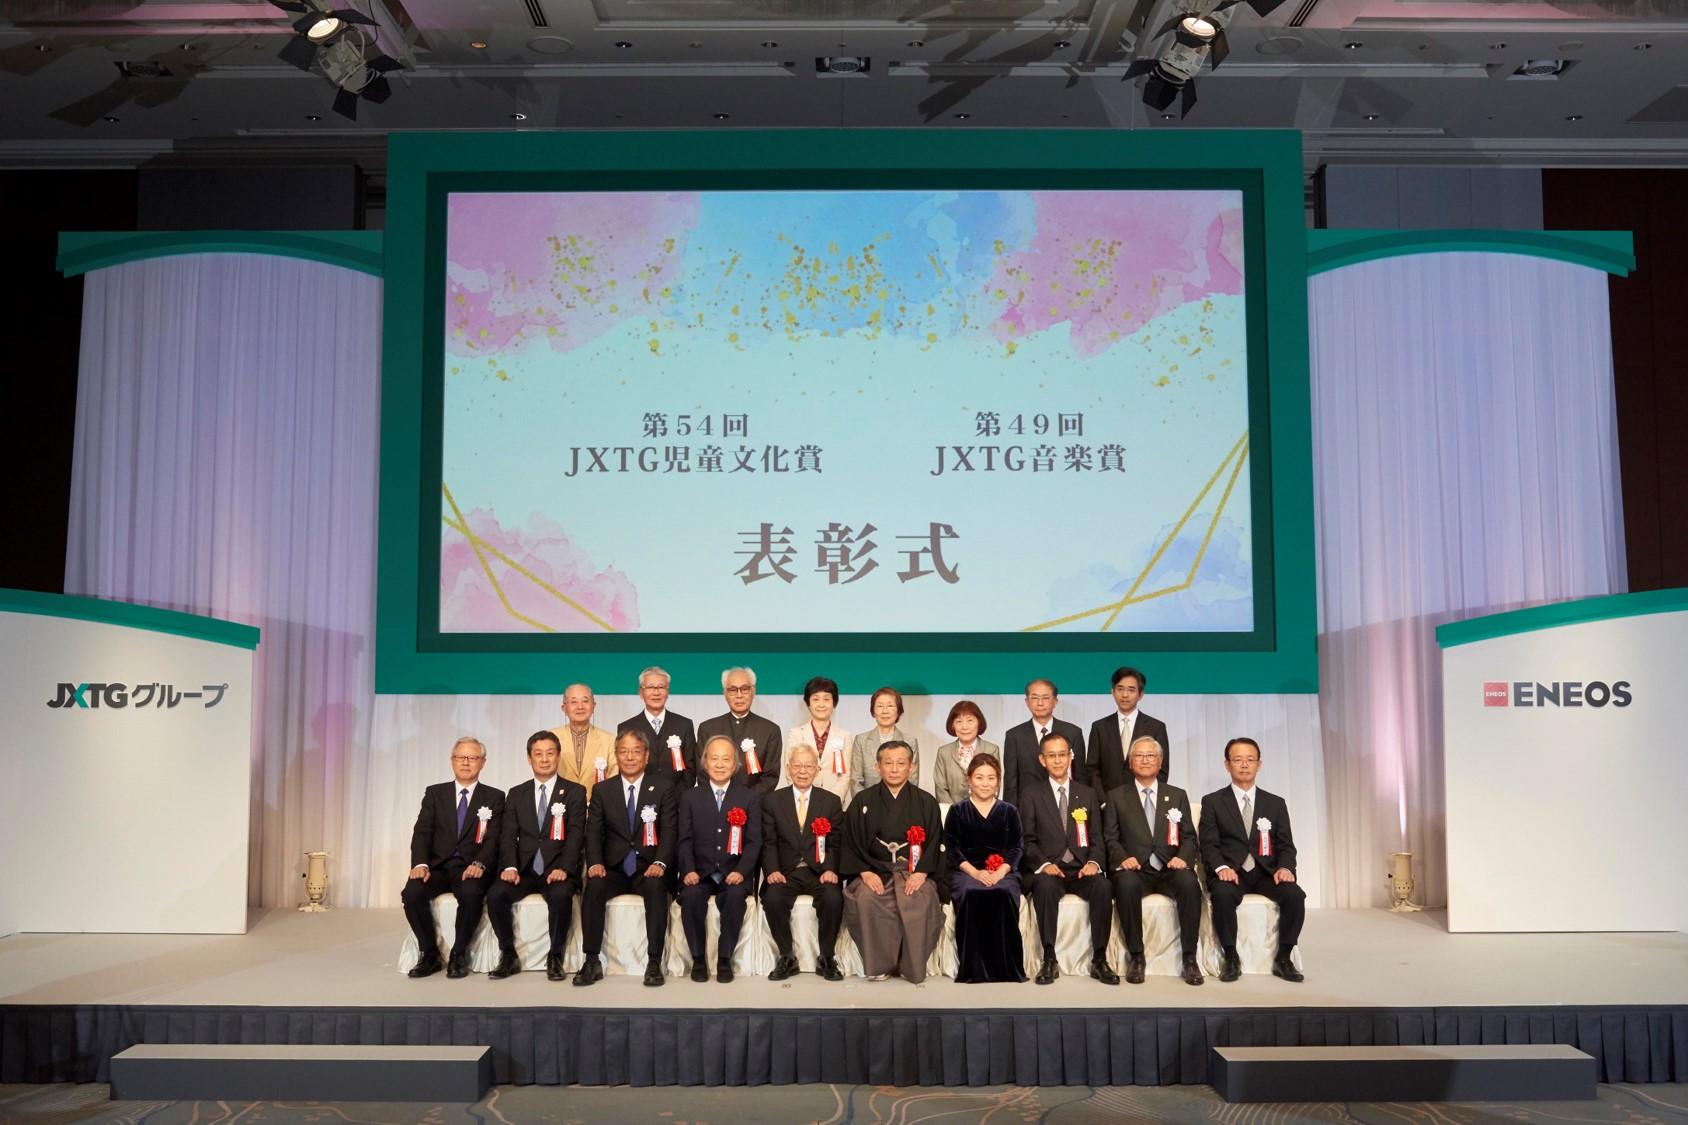 落合恵子さんにENEOS児童文化賞 音楽賞は邦楽部門が伶楽舎、洋楽部門が佐藤美枝子さん